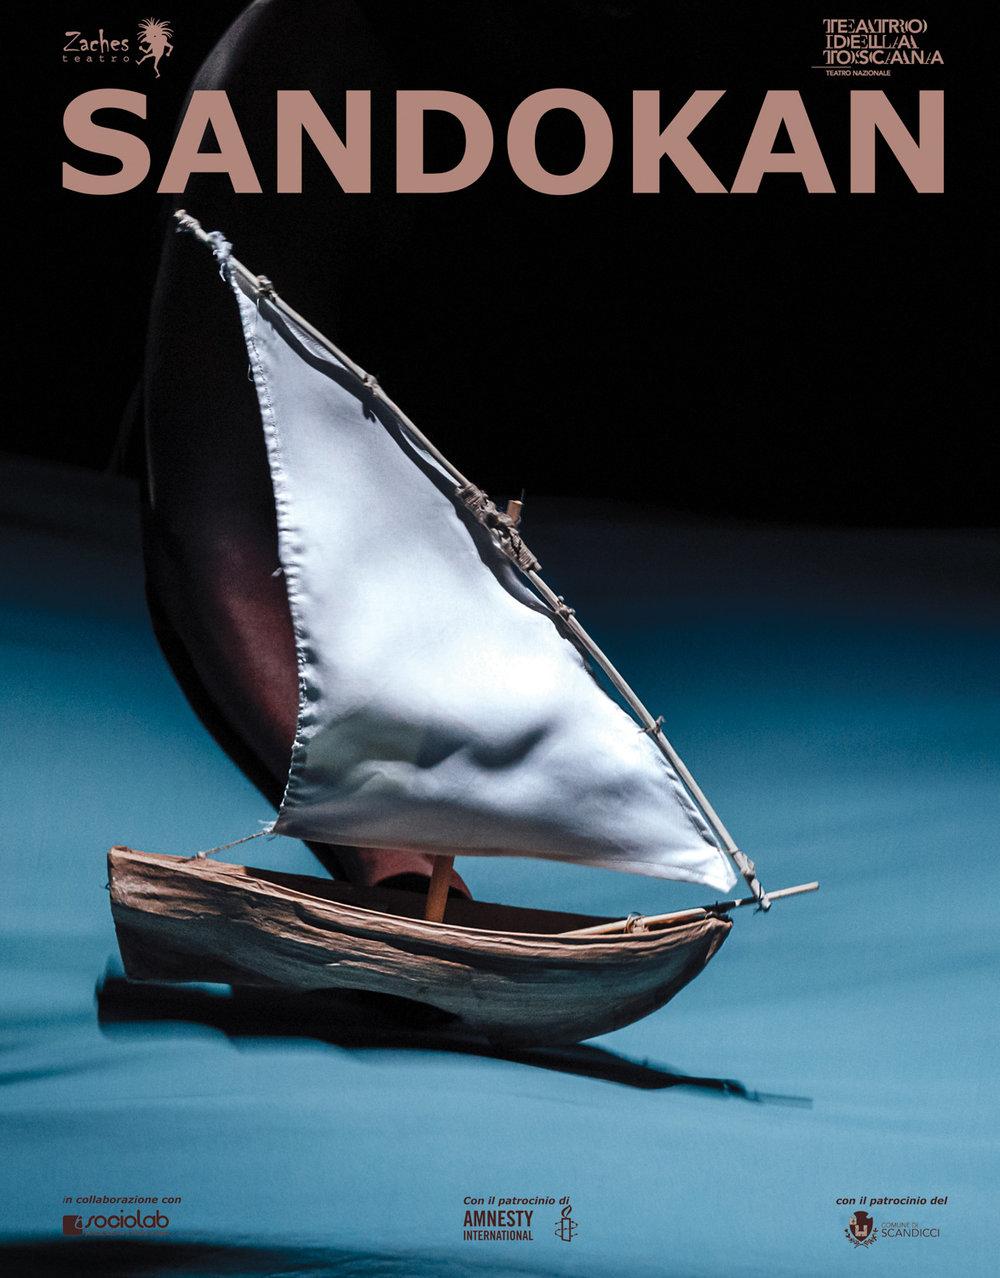 Zaches Teatro | Sandokan    Poster   Teatro della Toscana, 2018